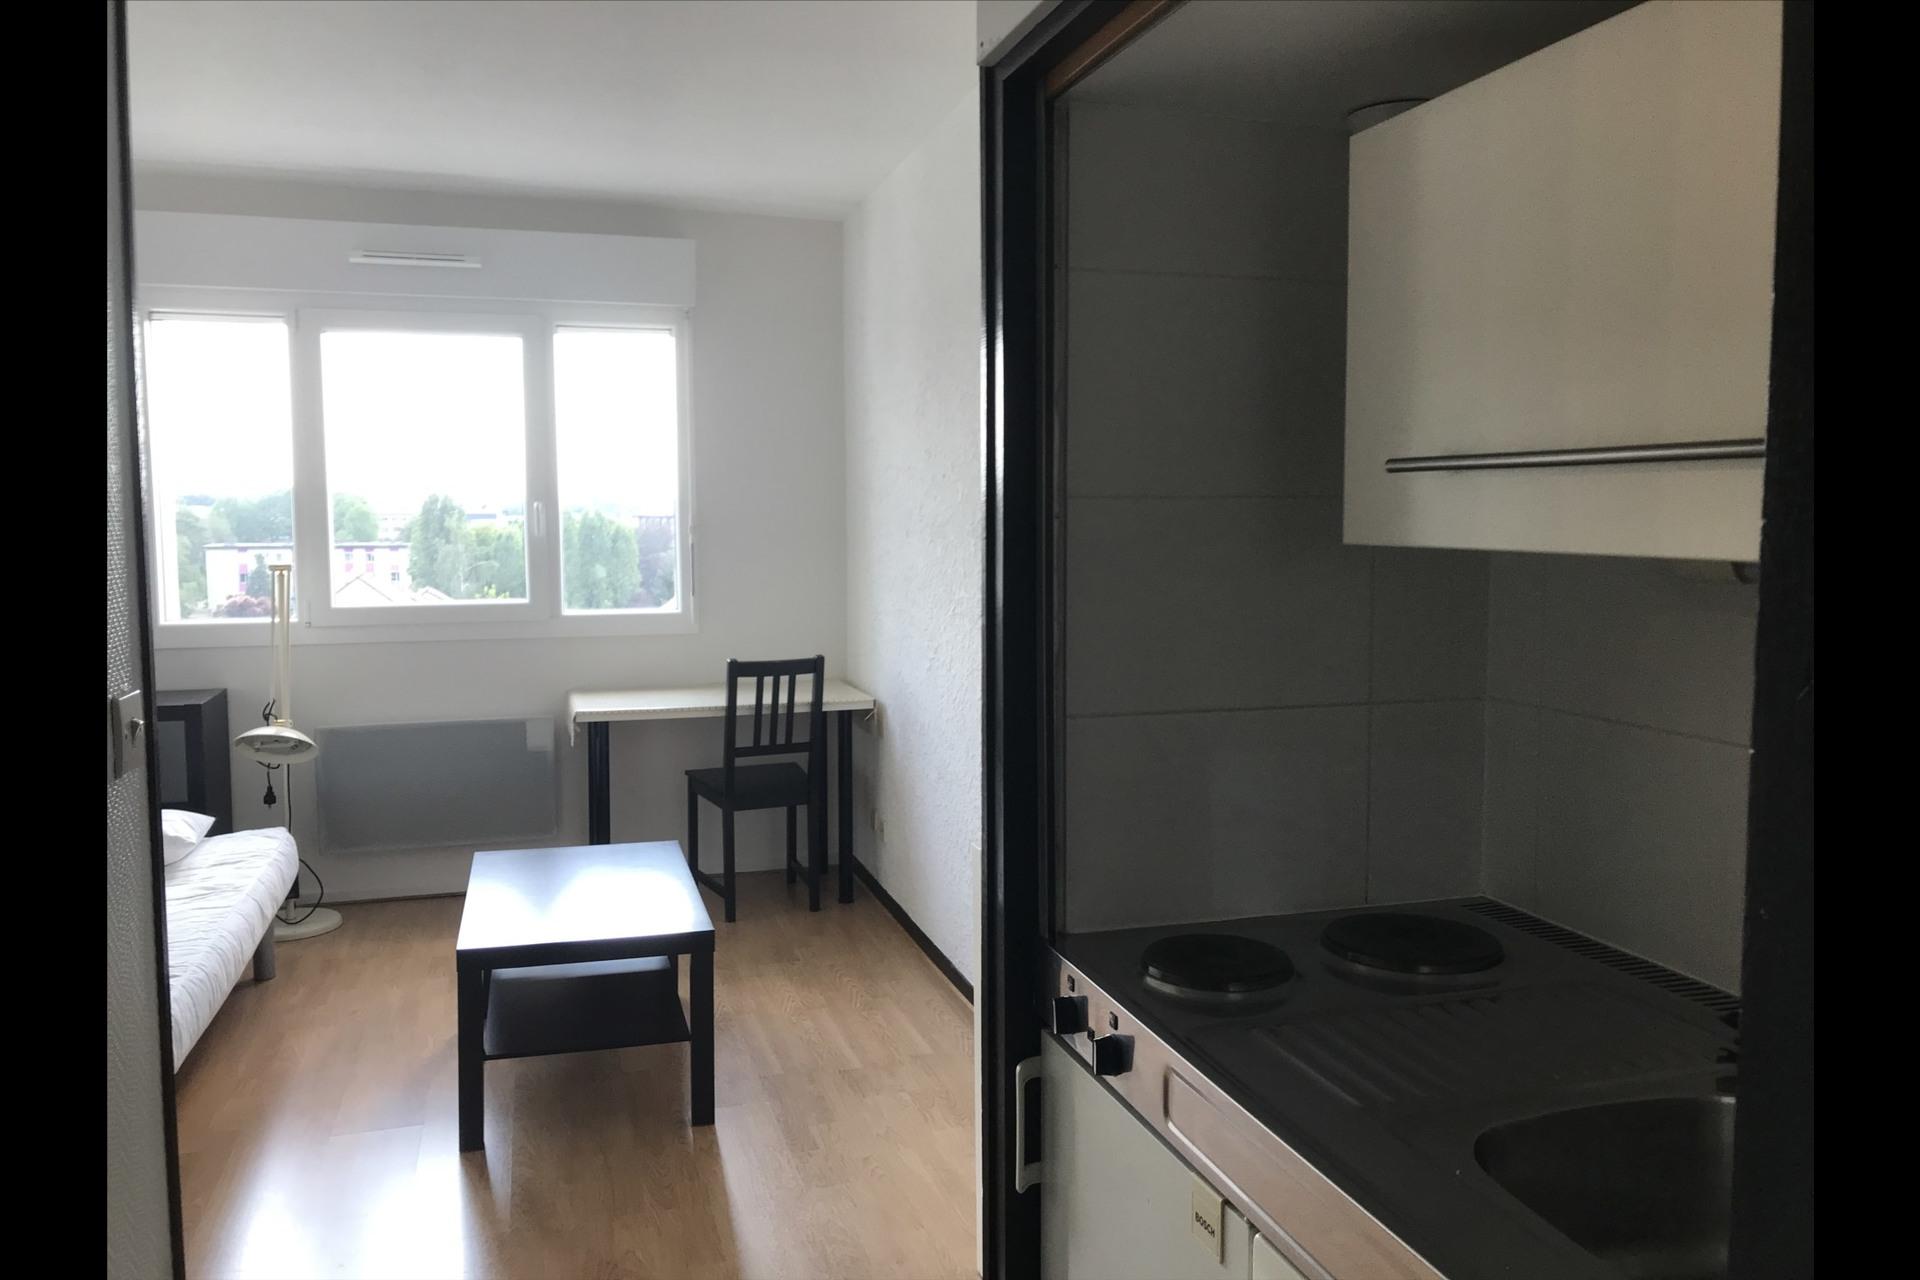 image 7 - Appartement À louer VANDOEUVRE-LES-NANCY VANDOEUVRE  BRABOIS